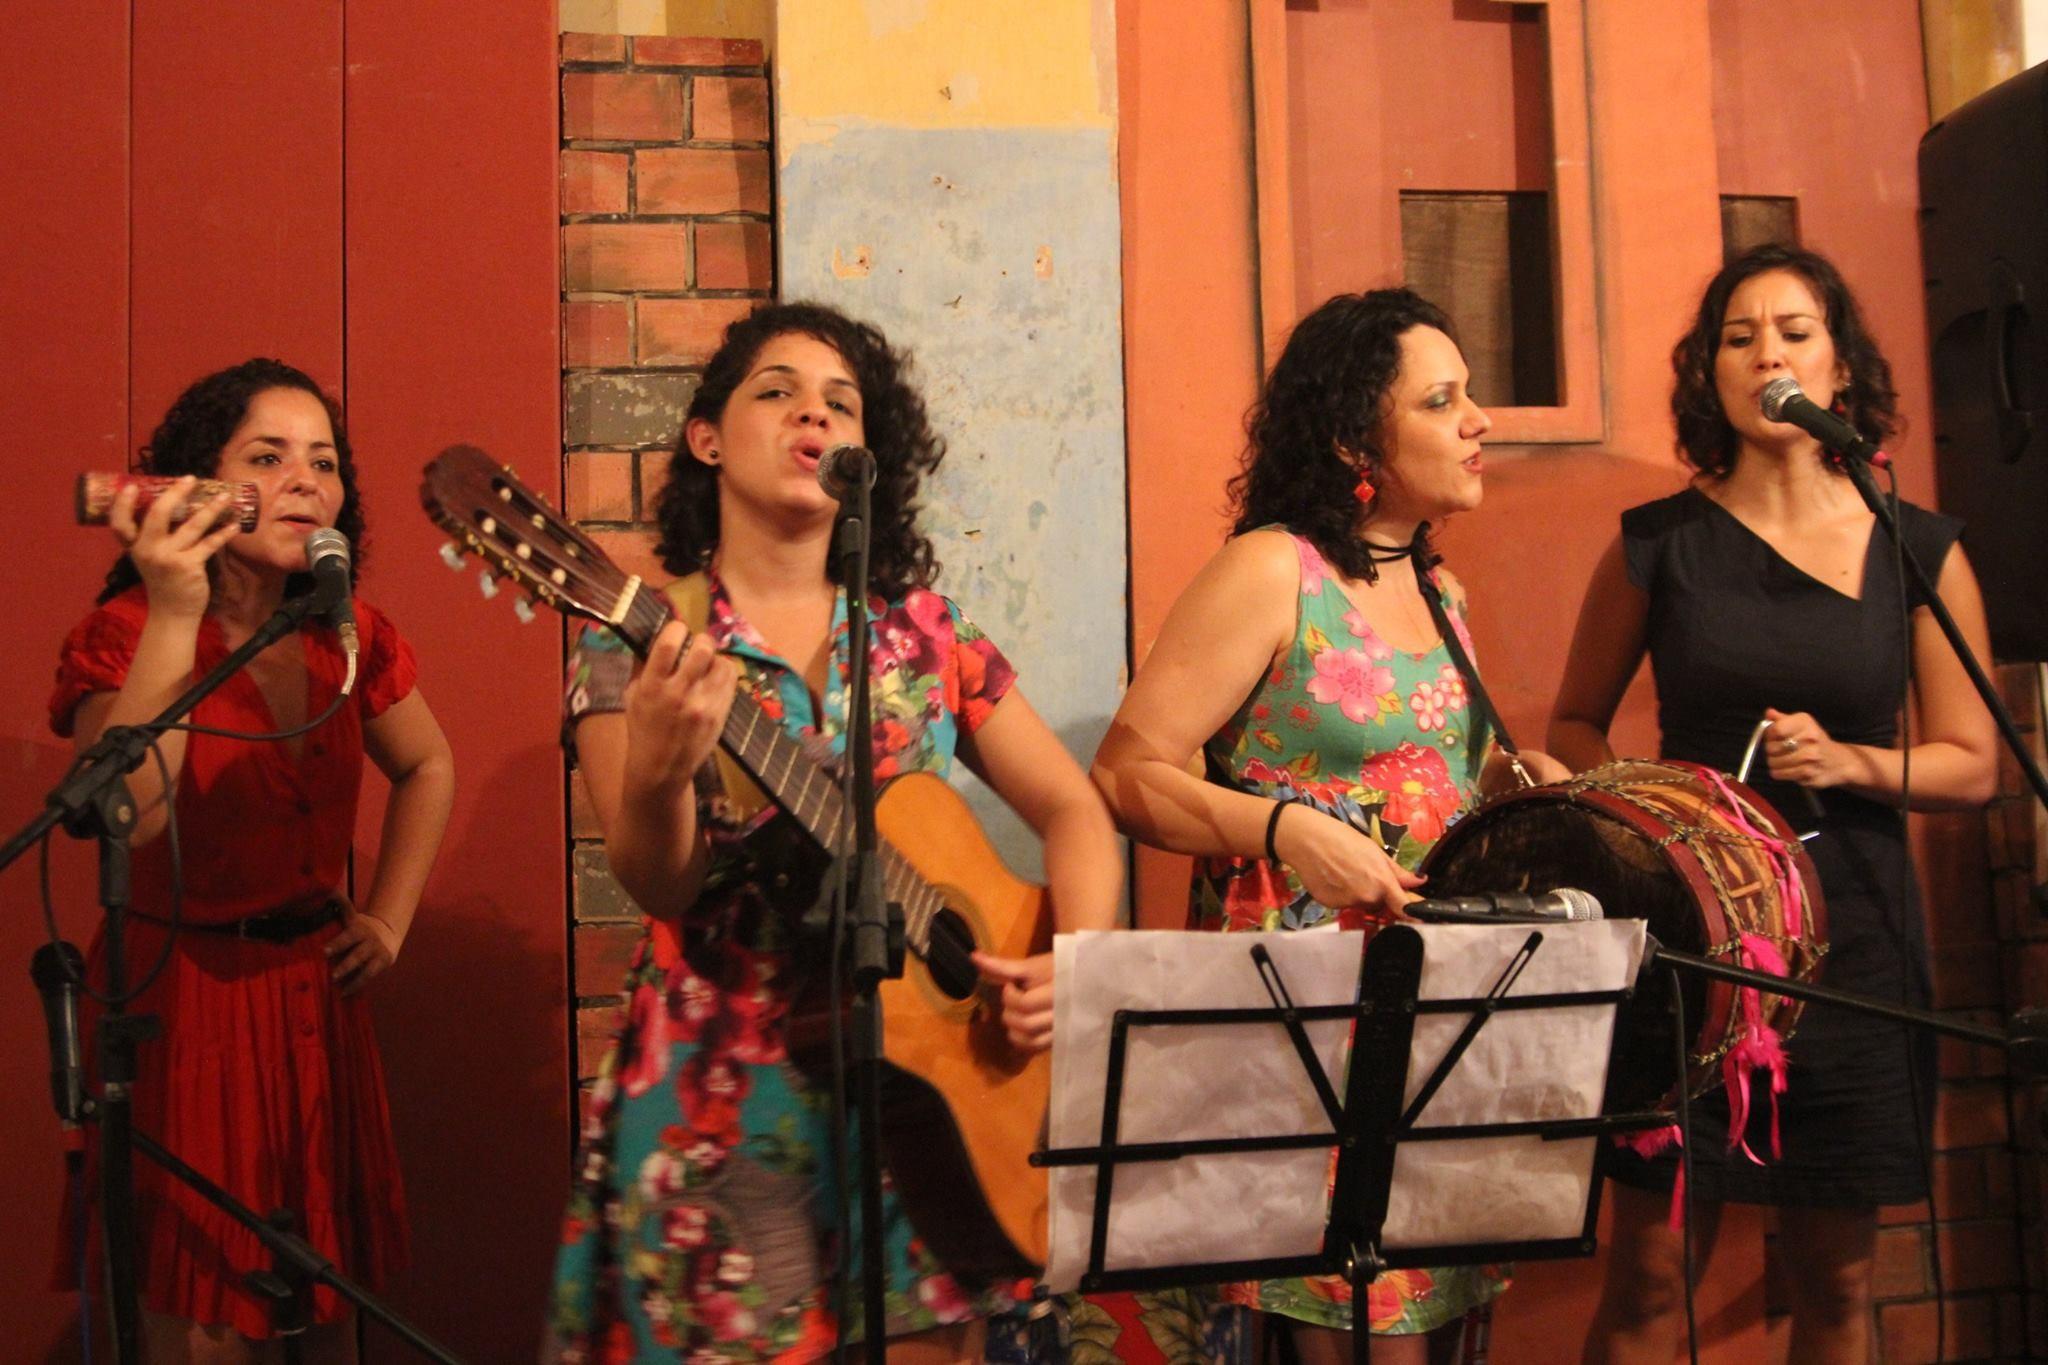 Las Marditas apostam no forró, cancioneiro popular e universo brega  (Foto: Divulgação/Fred Alvin)